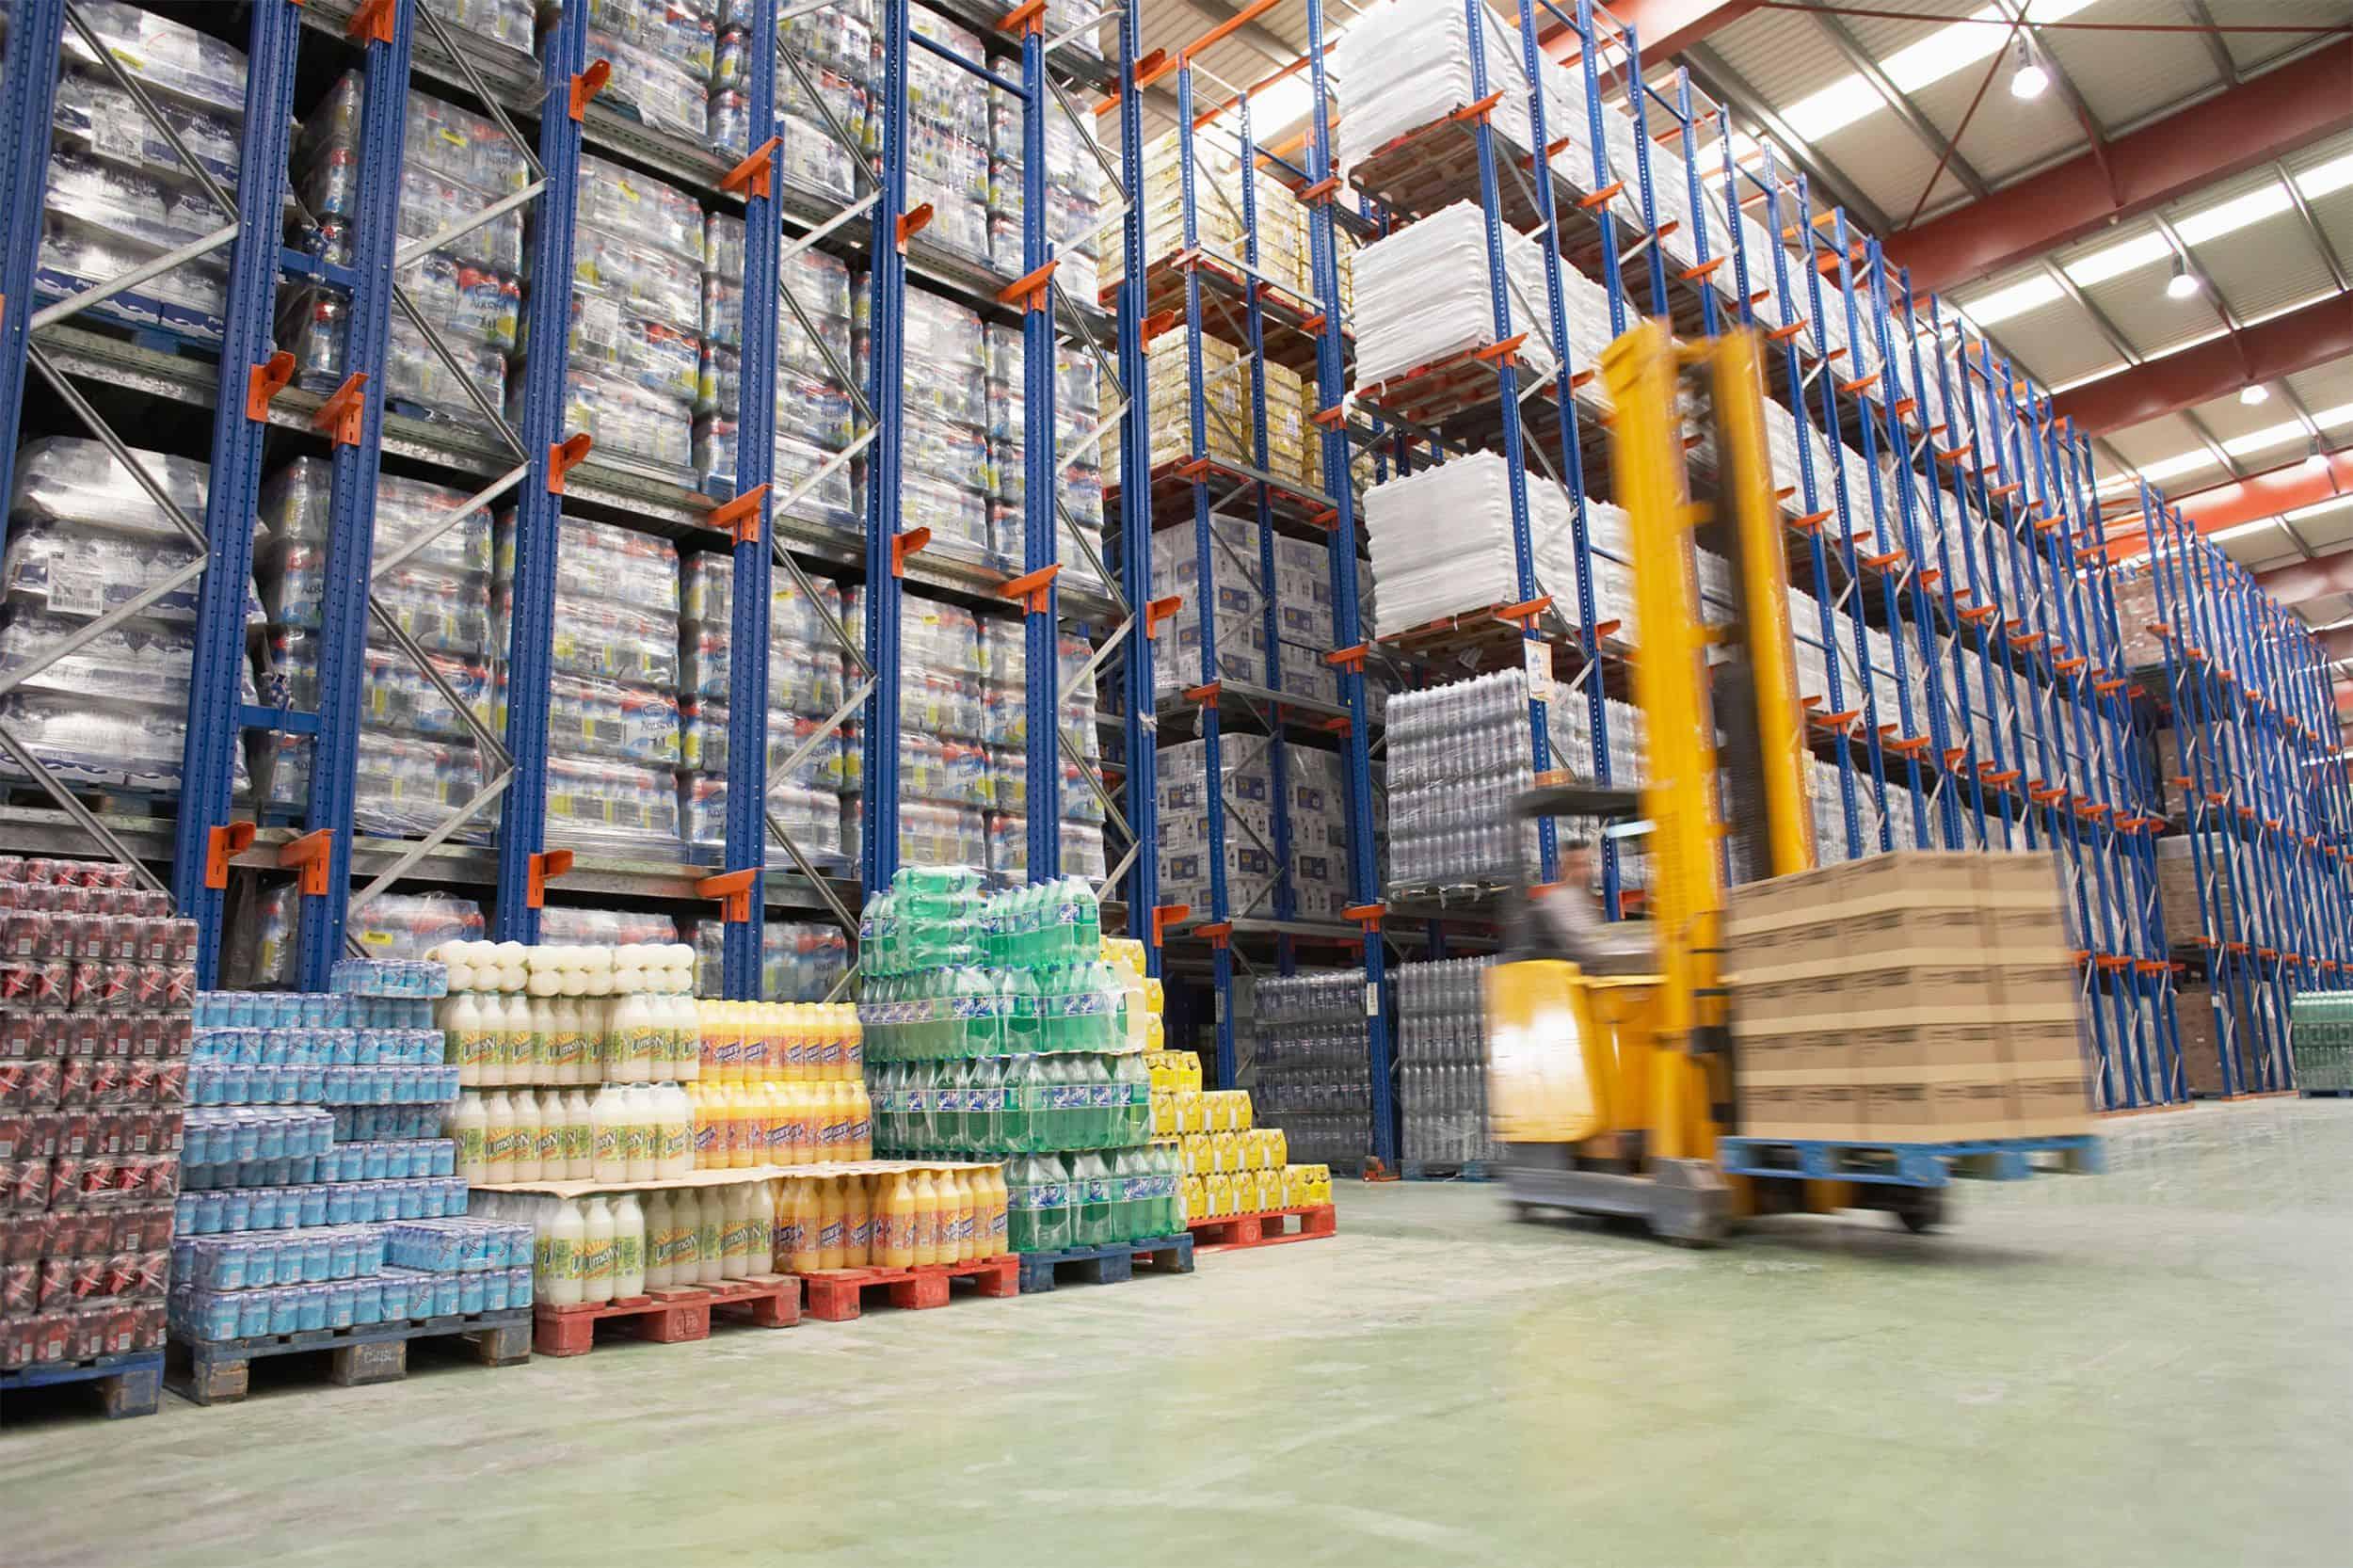 https://transnautic.b-cdn.net/wp-content/uploads/2015/09/Warehouse-and-lifter.jpg